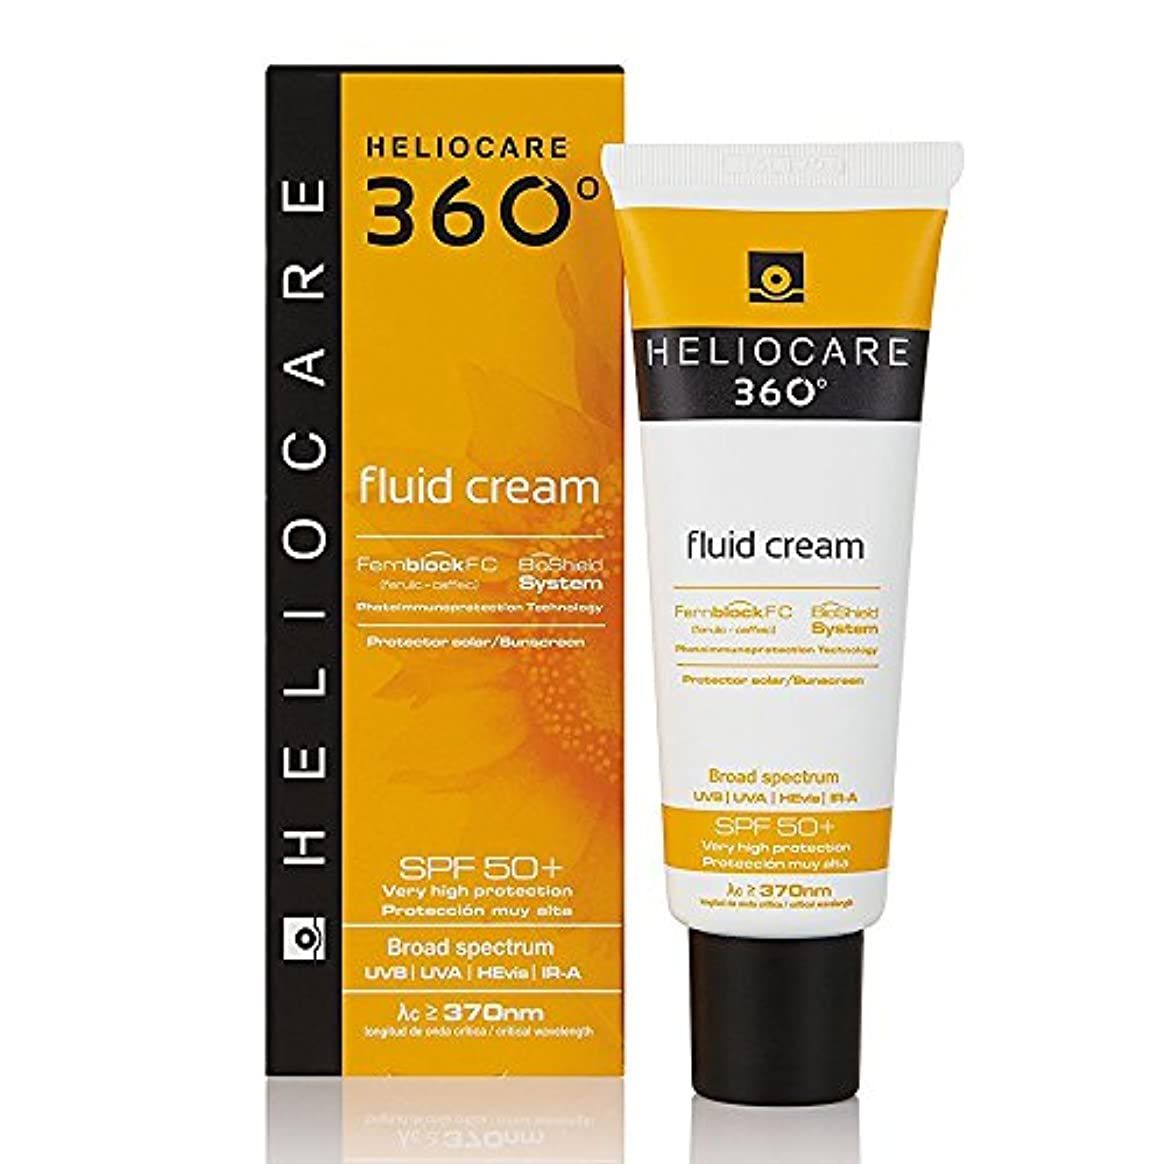 あさりリス列挙するHeliocare 360 ??° Fluid Cream SPF50+ 50ml [並行輸入品]